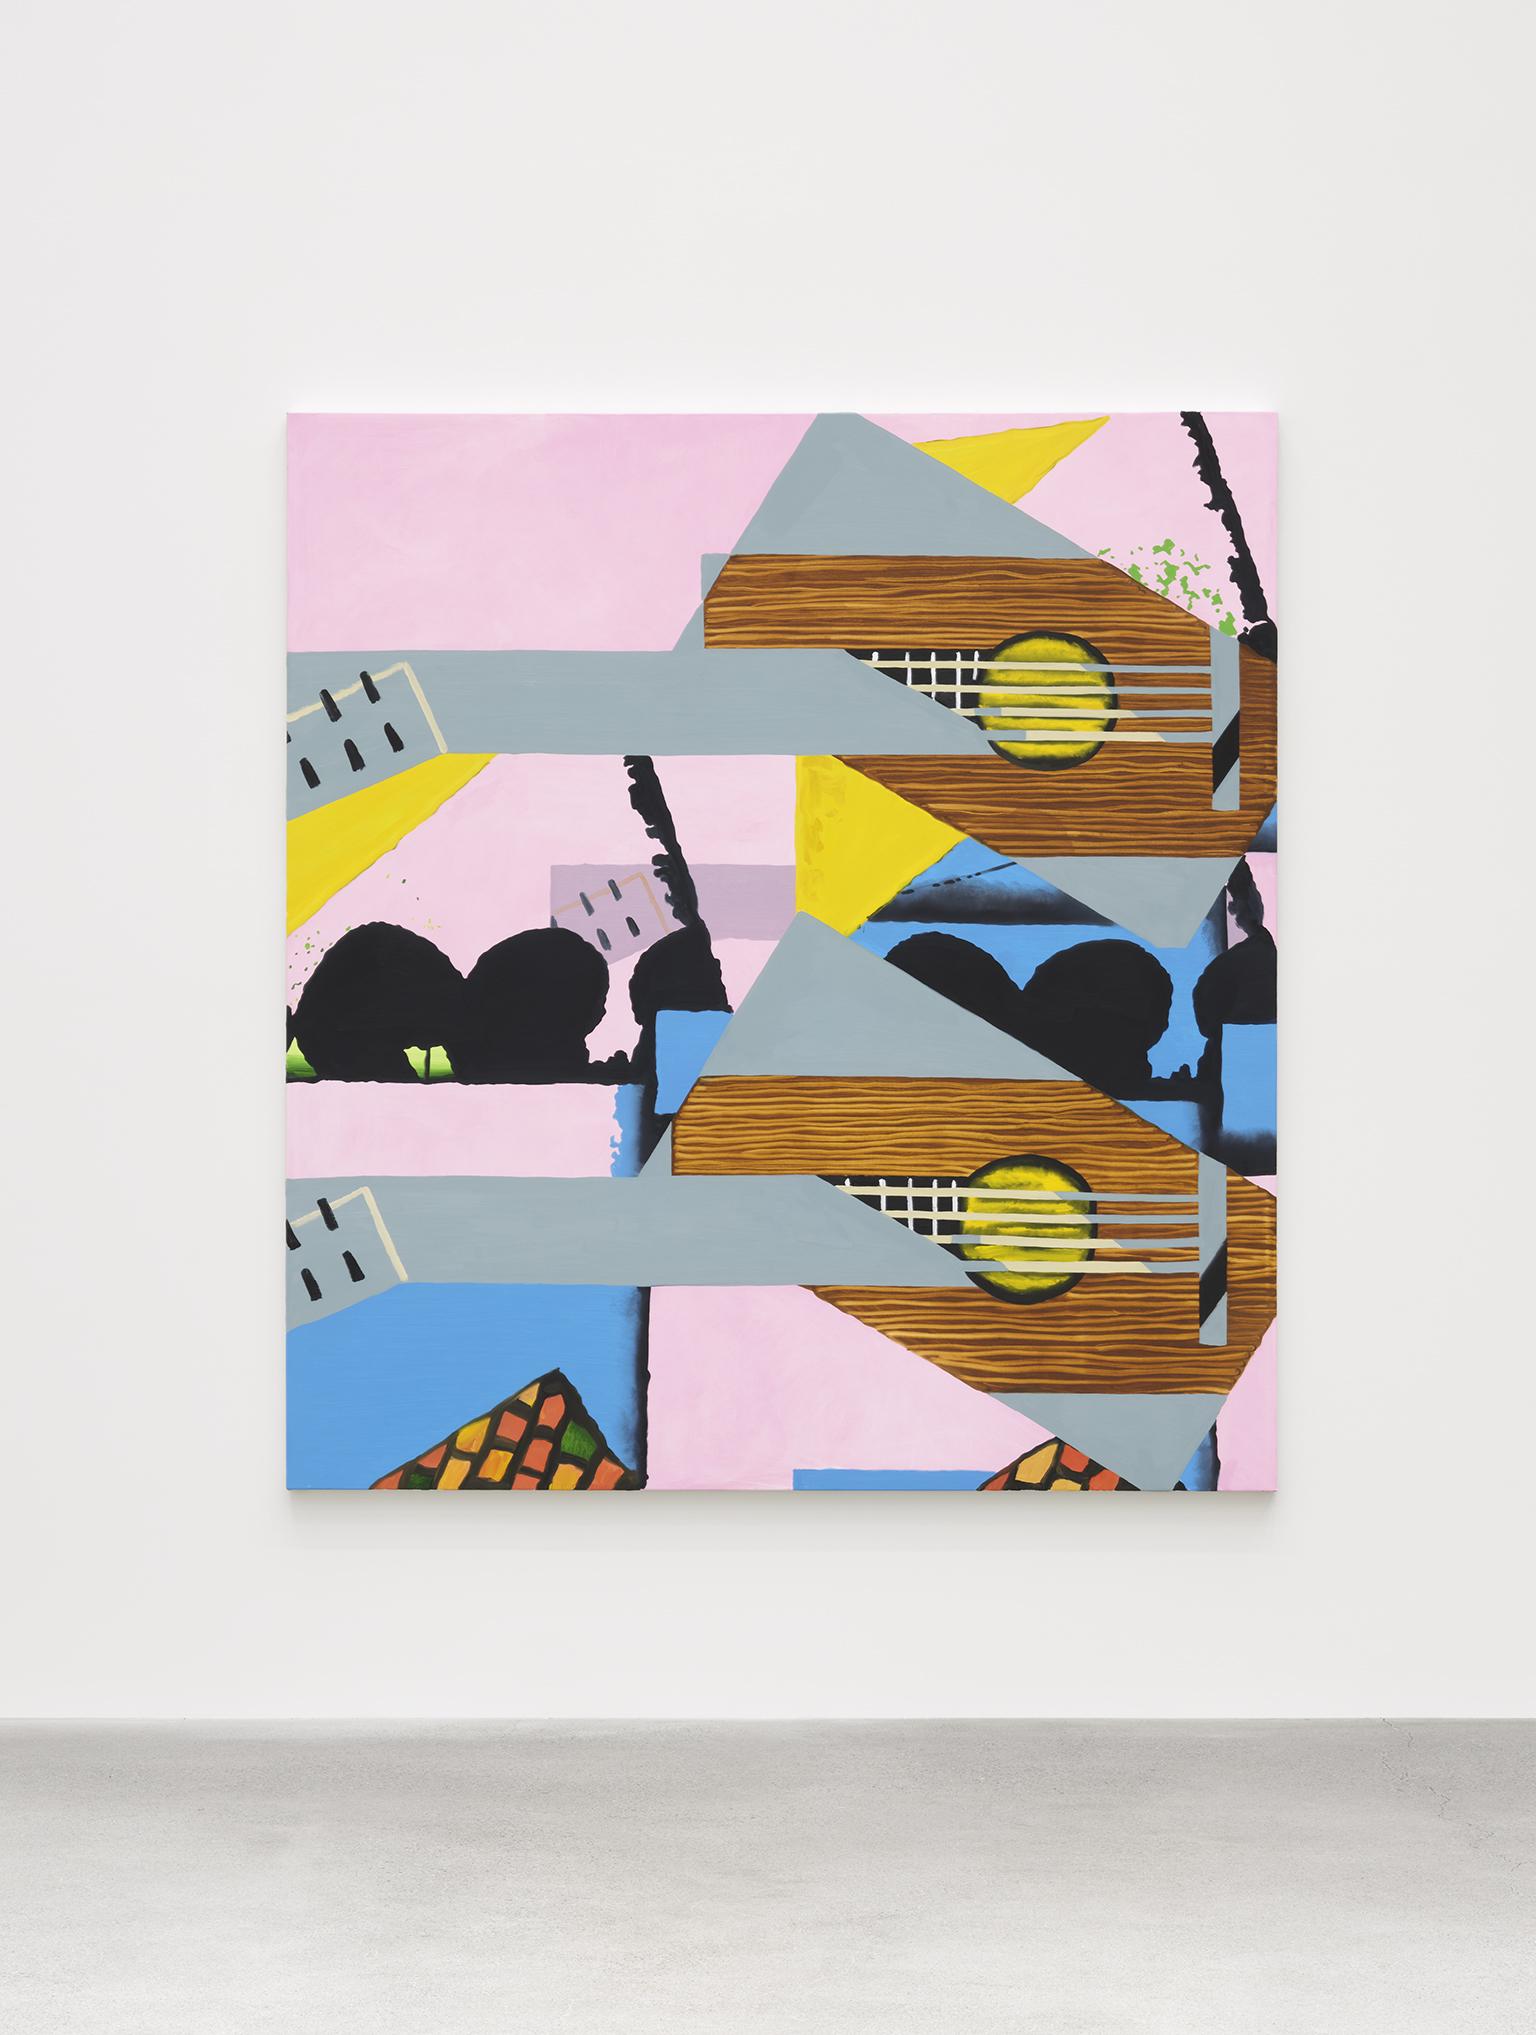 Elizabeth McIntosh, Guitar Guitar, 2019, oil on canvas, 78 x 72 in. (198 x 183 cm) by